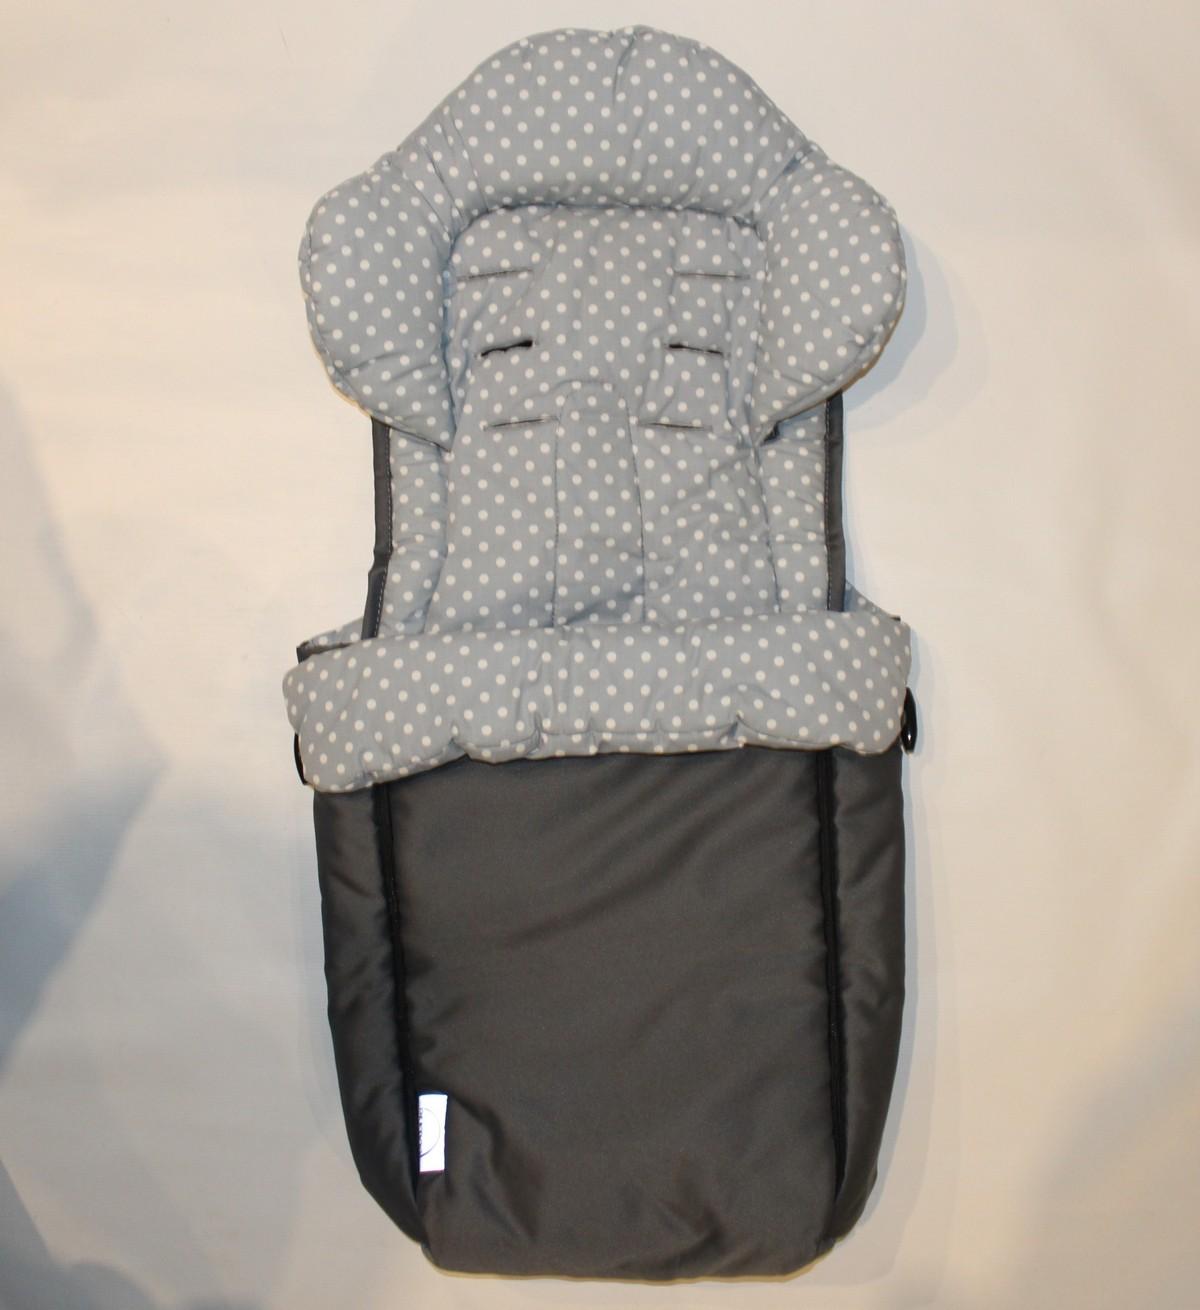 vorf hrmodell 1x kleiner teutonia fu sack inkl verkleinerer f r die babyschale und. Black Bedroom Furniture Sets. Home Design Ideas